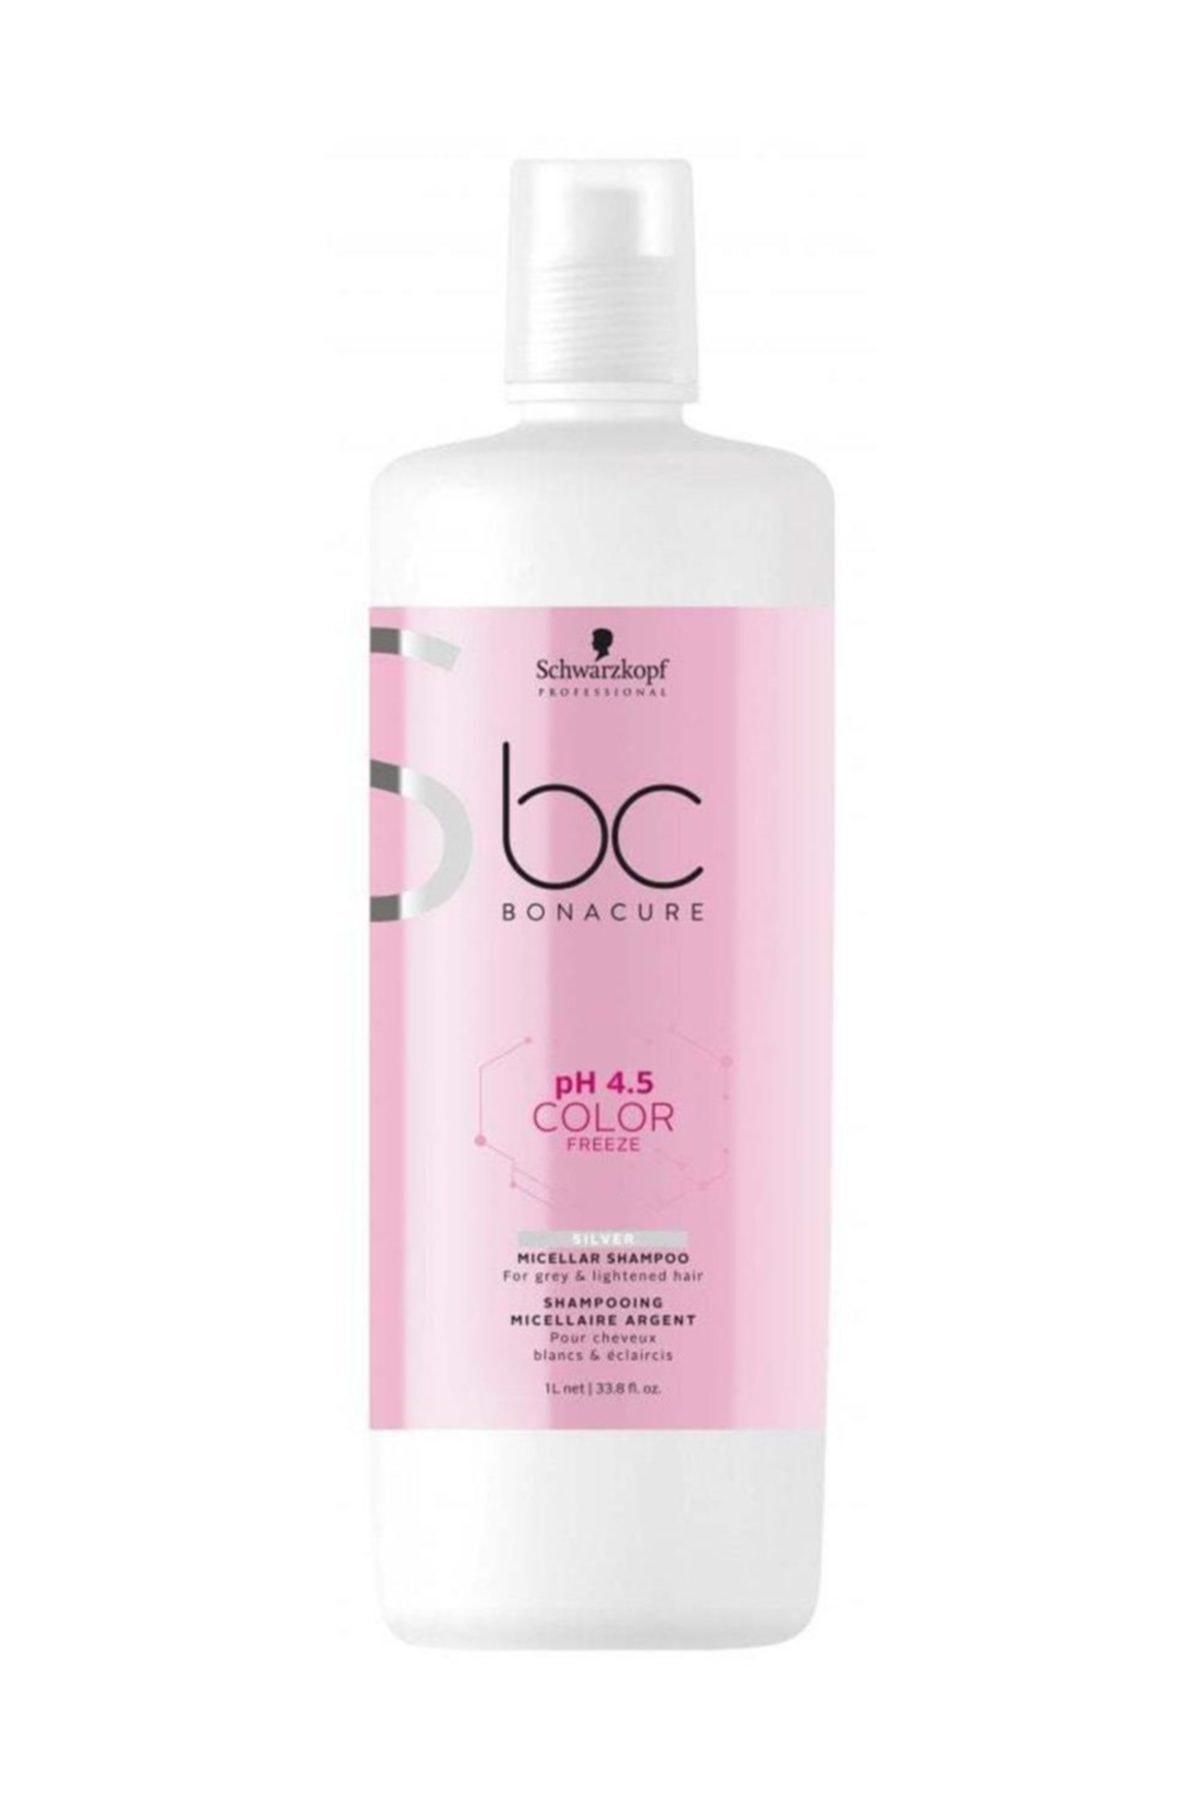 Bonacure Schwarzkopf Bonacure Ph 4,5 Color Freeze Silver Şampuan 1000 ml 1